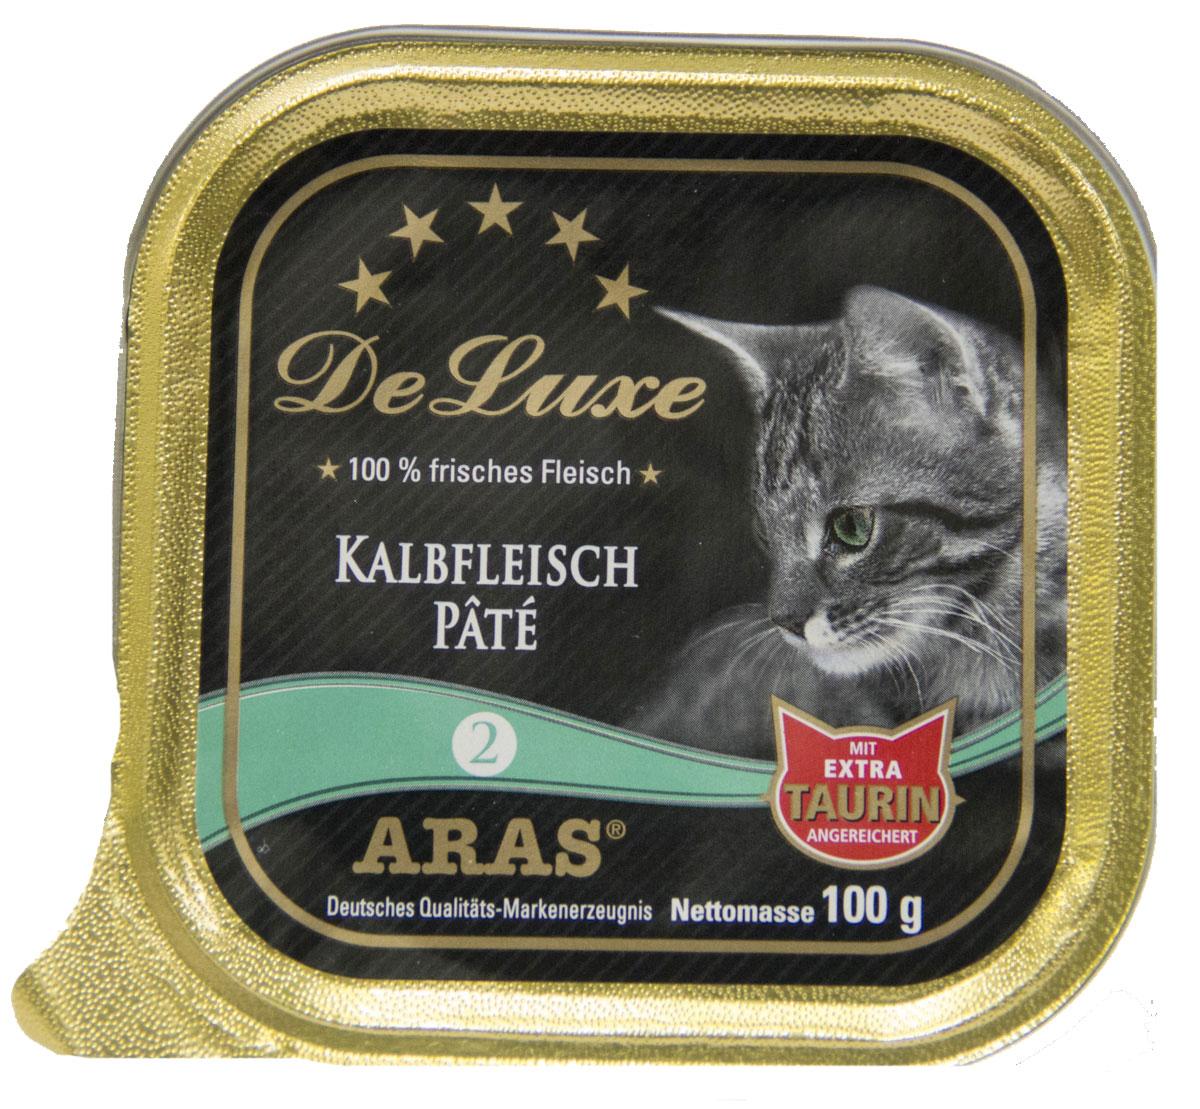 Консервы для кошек Aras Premium DeLuxe, паштет с телятиной, 100 г503102Консервы для кошек Aras Premium DeLuxe - корм для самых привередливых кошек, сочетающий в себе высокое качество ингредиентов, жизненно важные питательные вещества, а также превосходный вкус. Корм произведен в Германии по специальной технологии, схожей с технологией Sous Vide, из продуктов, пригодных в пищу человека. При изготовлении сохраняются все натуральные витамины и минералы. Это достигается благодаря бережной обработке всех ингредиентов при температуре менее 80°С. Такая бережная обработка продуктов не стерилизует продуктовые компоненты. Благодаря этому корма не нуждаются ни в каких дополнительных вкусовых добавках и сохраняют все необходимые полезные вещества. Особенности корма: - изготовлен из 100% свежего мяса; - без химических красителей, усилителей вкуса, искусственных консервантов и химических добавок; - из 100% свежих ингредиентов: мясо, овощи и зерновые; - сохранение натуральных витаминов в процессе ...